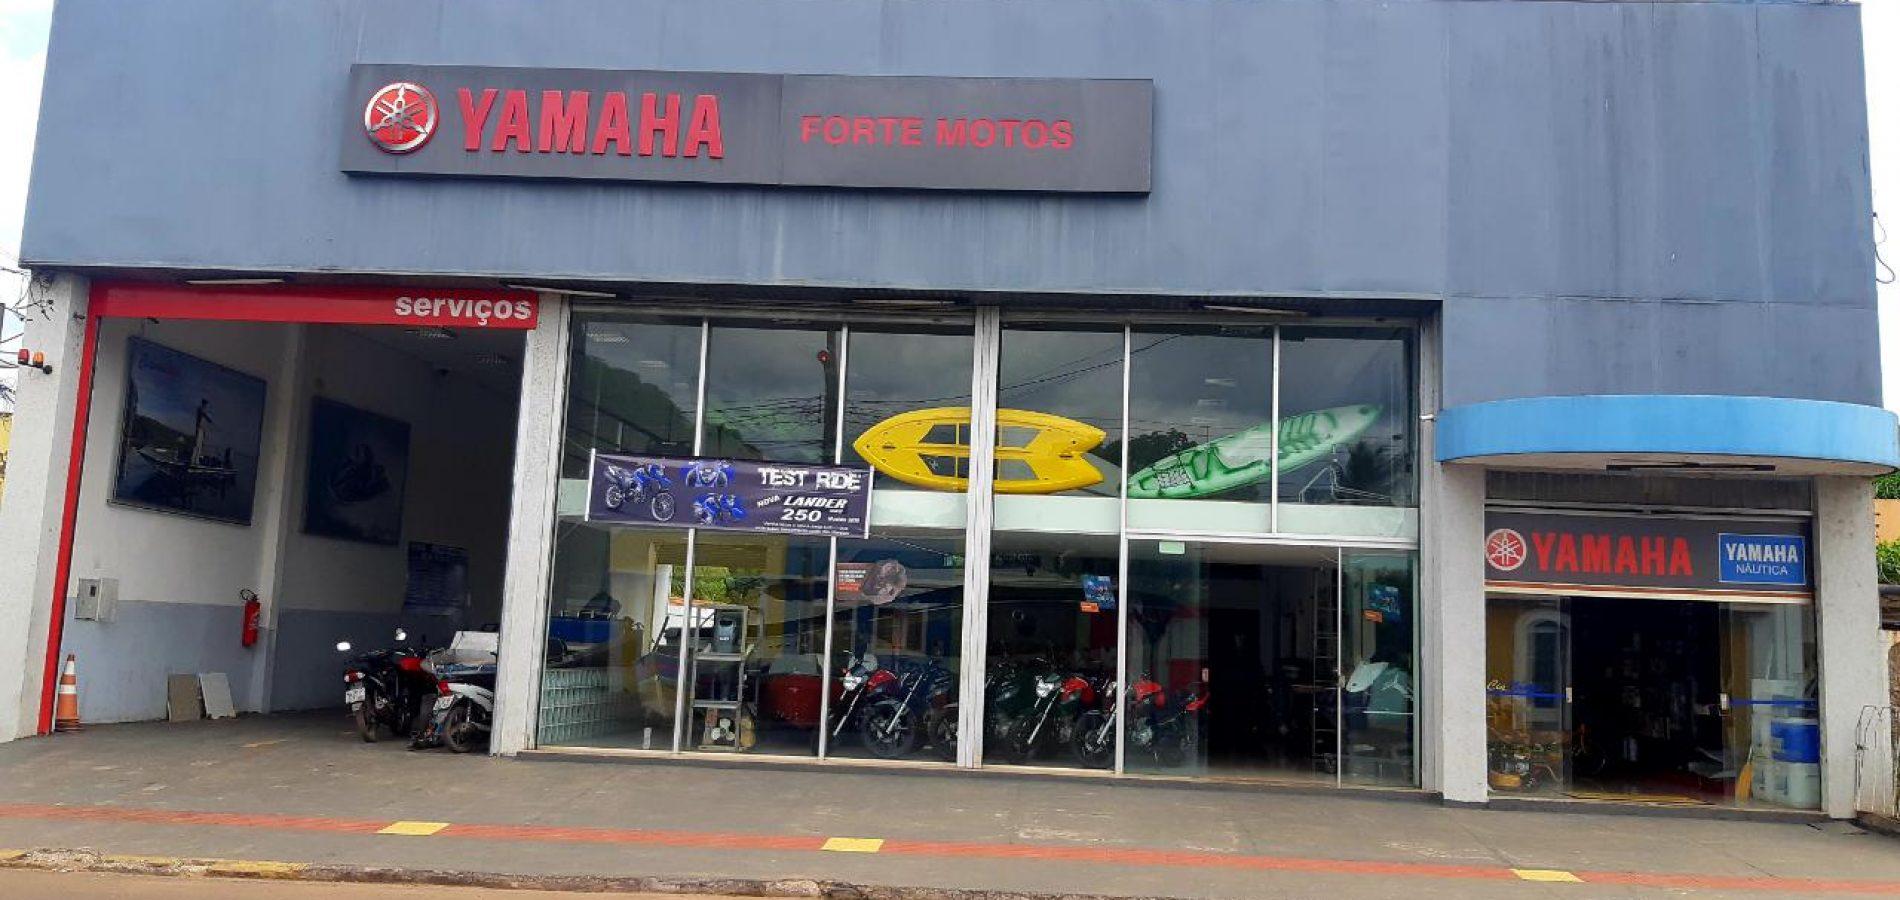 Juiz manda soltar homem que tentou aplicar golpe em loja da Yamaha no Piauí